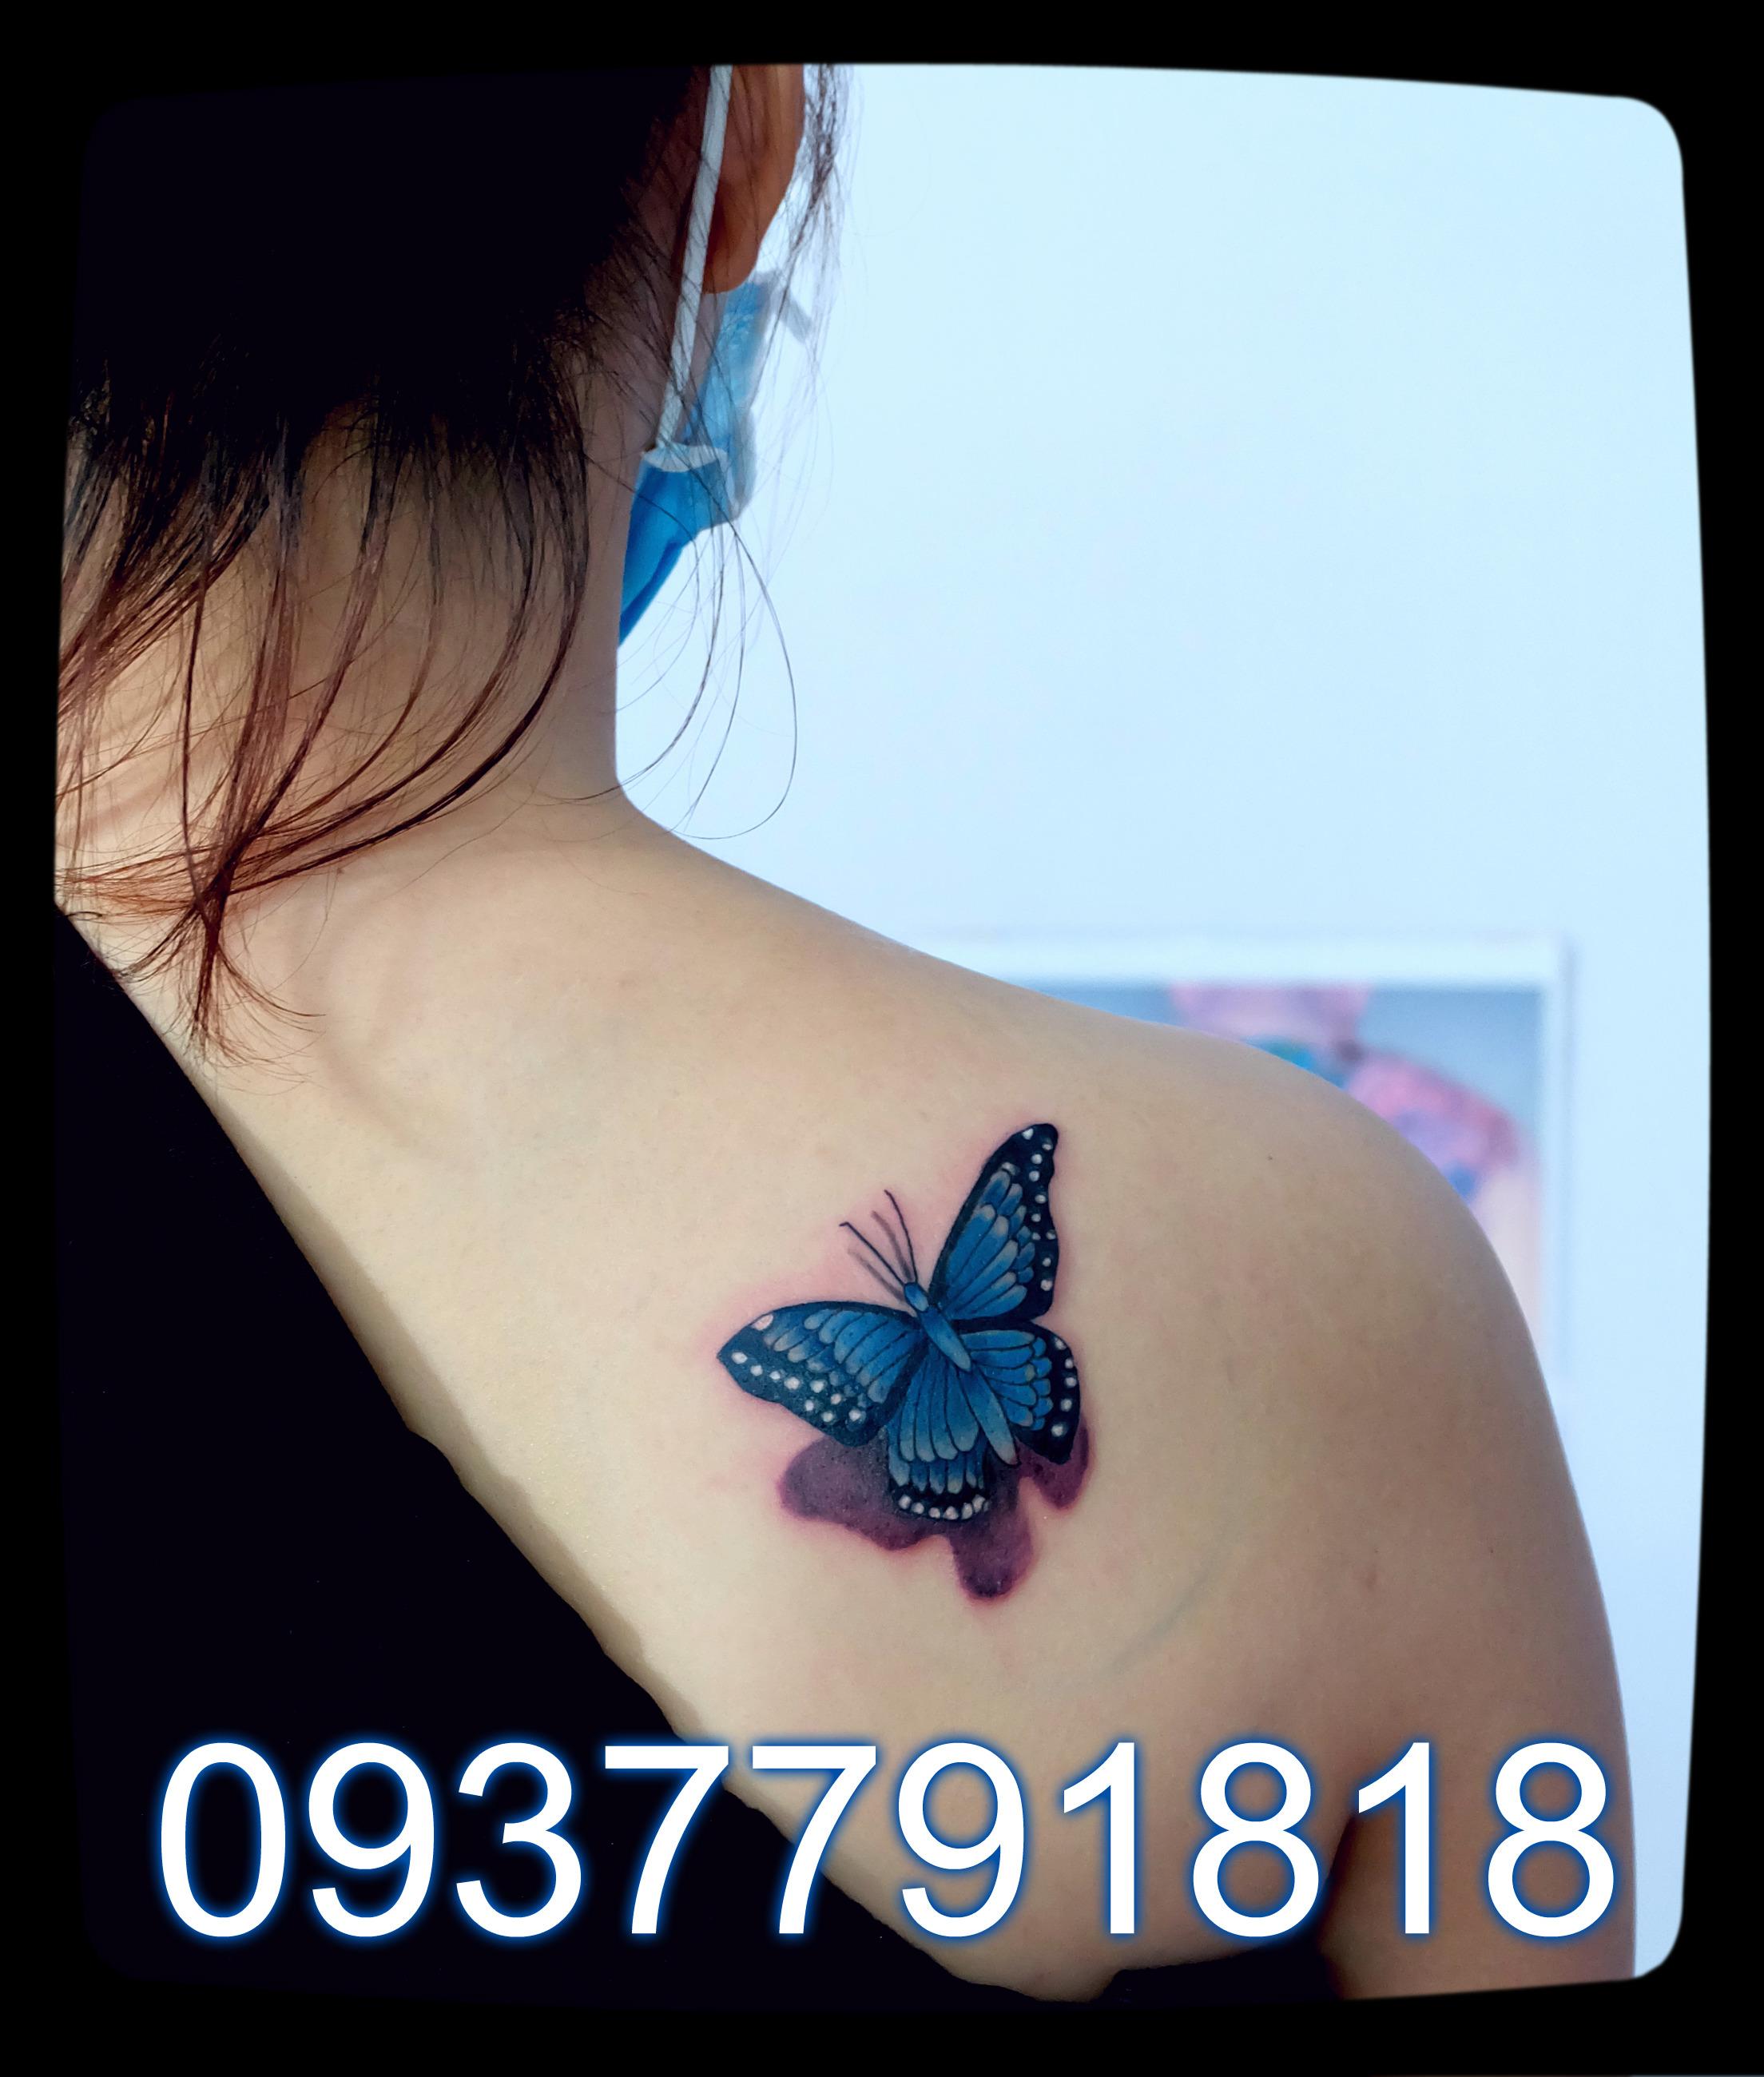 Thời trang nam: Nghệ Thuật Tattoo Giá Rẻ Quận 7 - Page 61 Pizap.com14785729802291